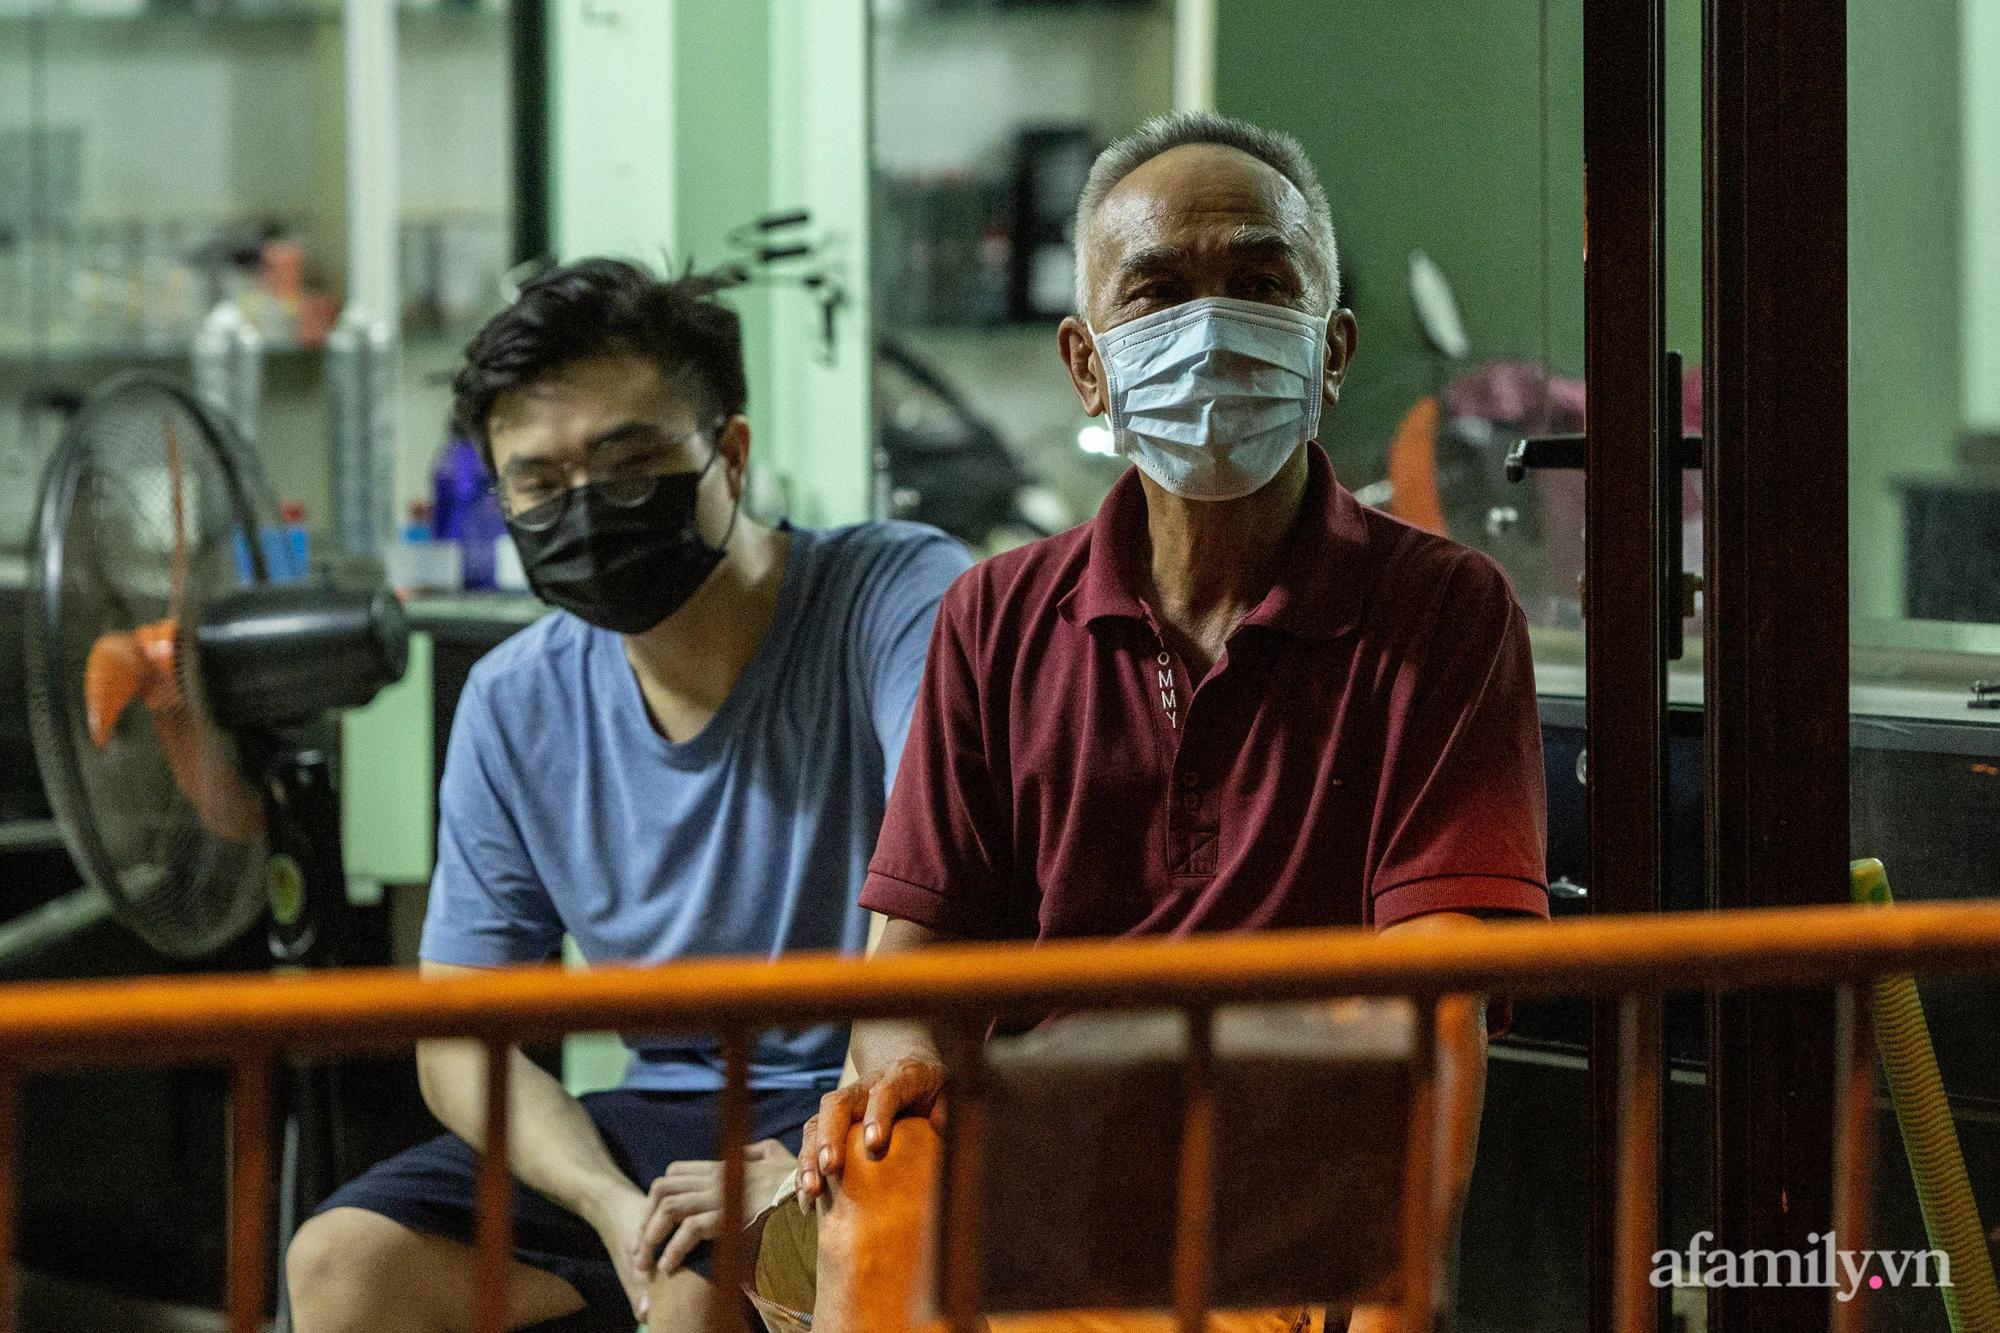 Hà Nội: Phong tỏa cửa hàng tạp hóa trong ngõ 79 đường Cầu Giấy, khẩn trương lấy mẫu xét nghiệm, truy vết trong đêm - Ảnh 4.